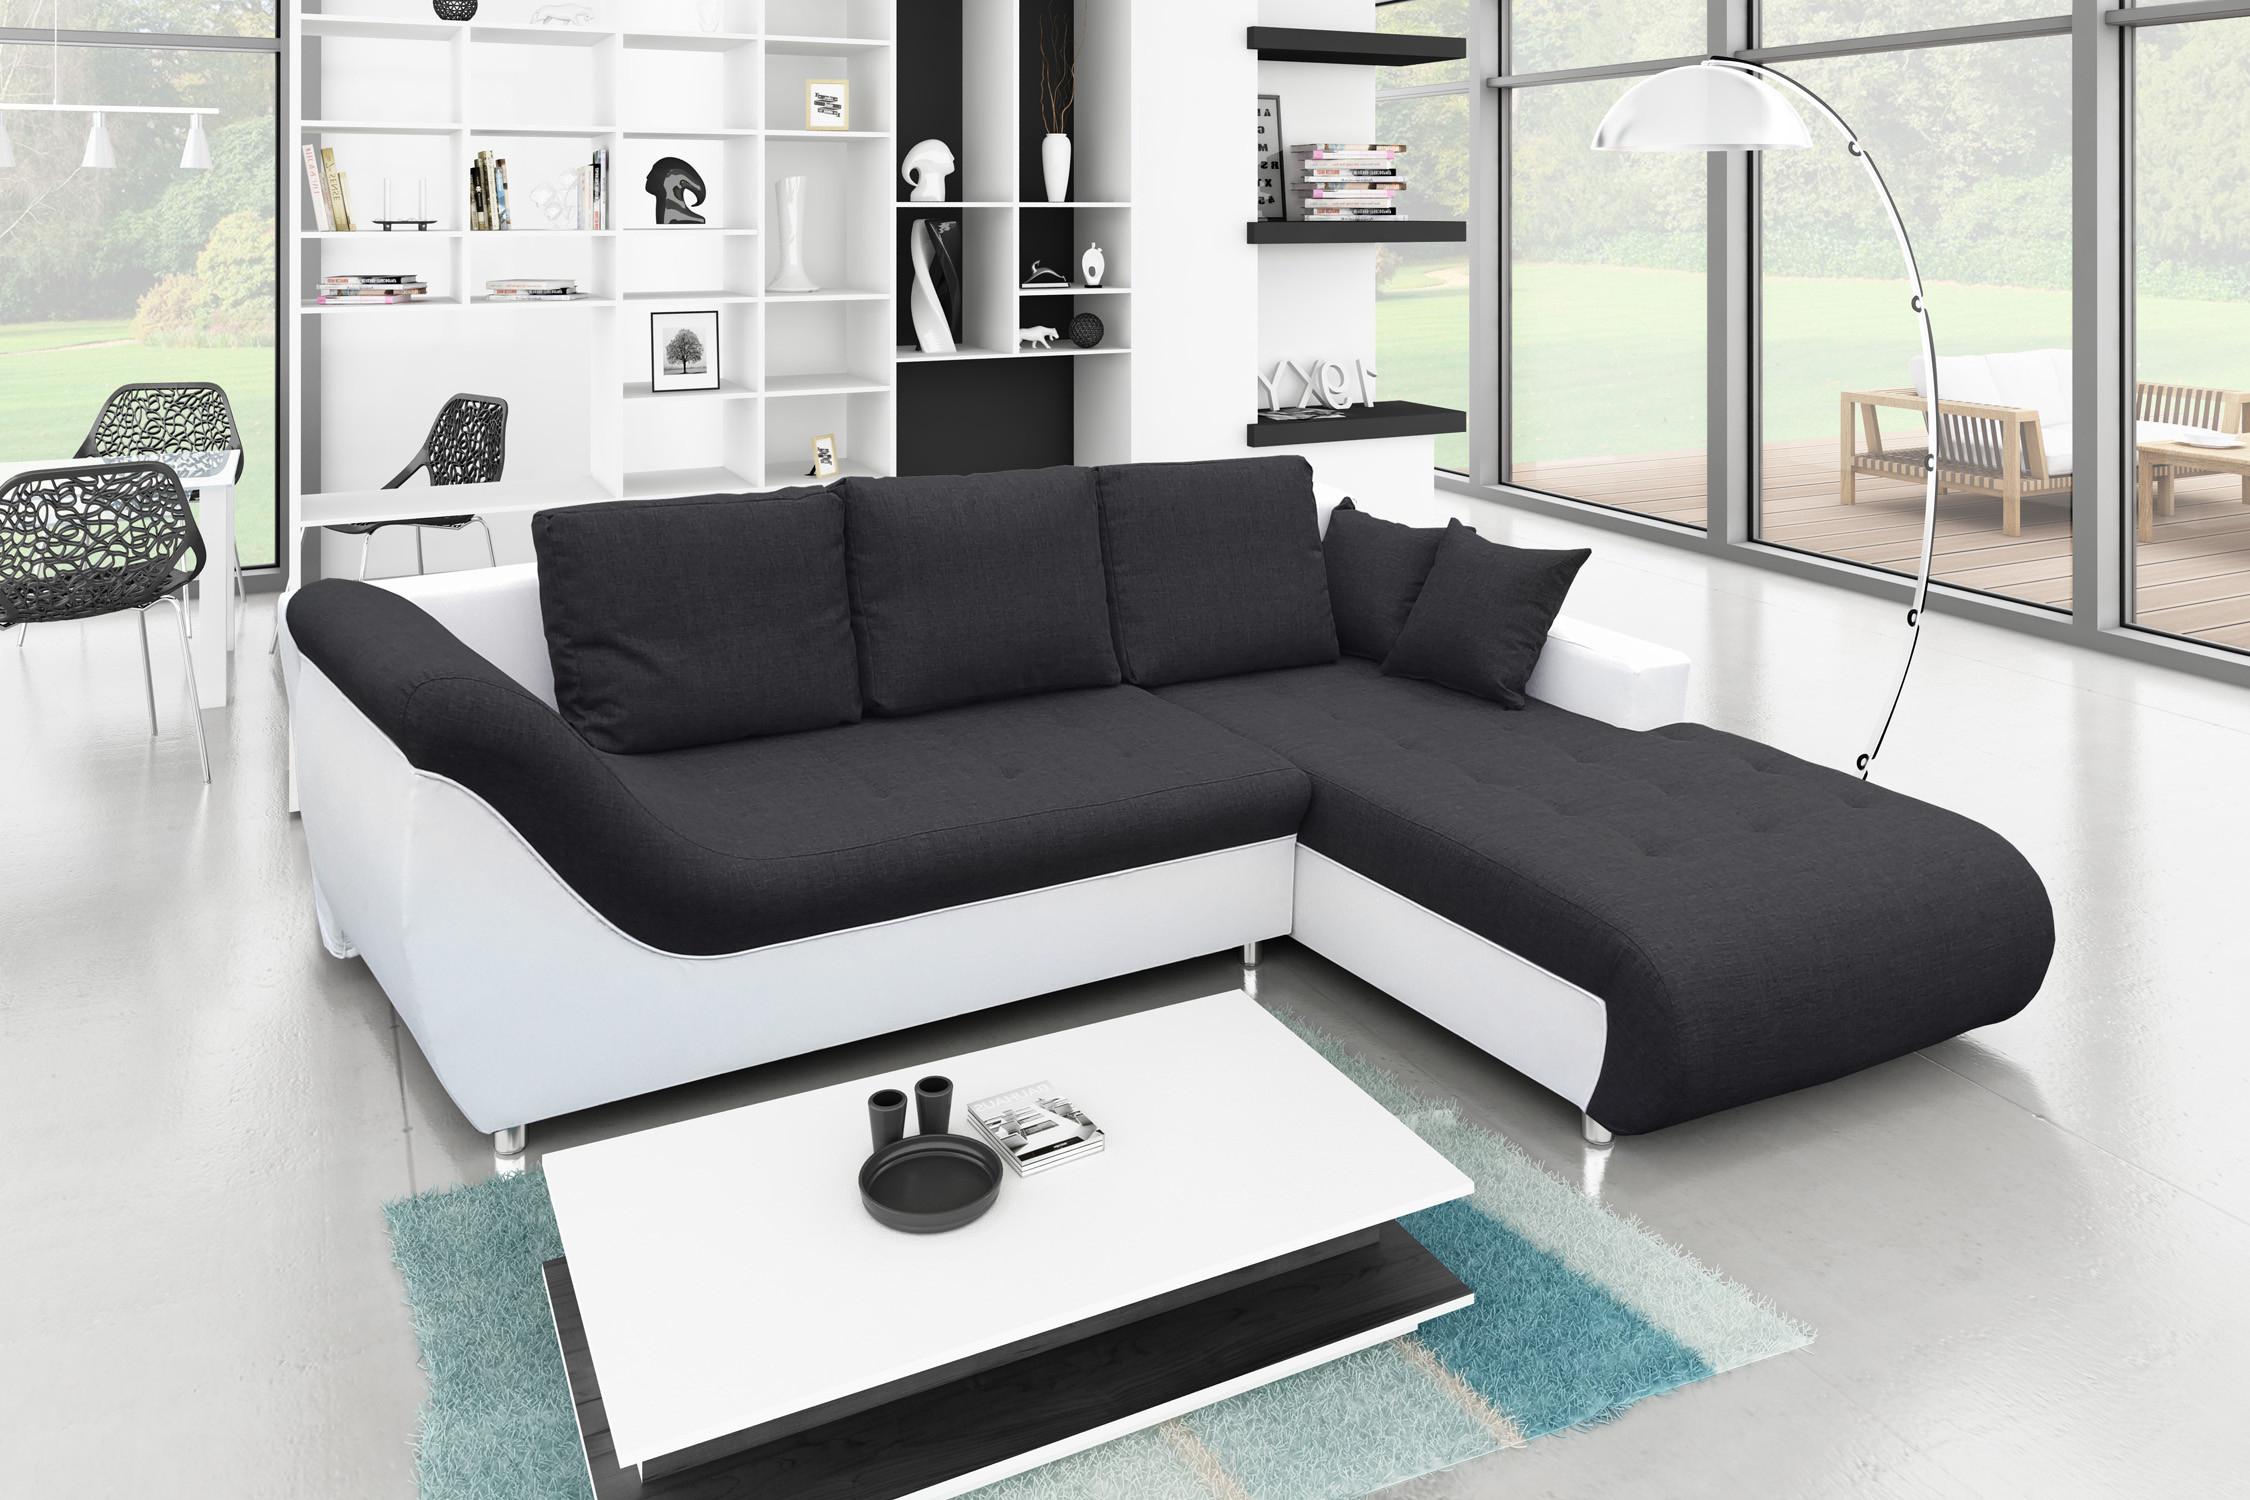 Canapé Convertible 3 Places Ikea Frais Stock Luxe De Canapé Lit Pas Cher Concept Idées De Table